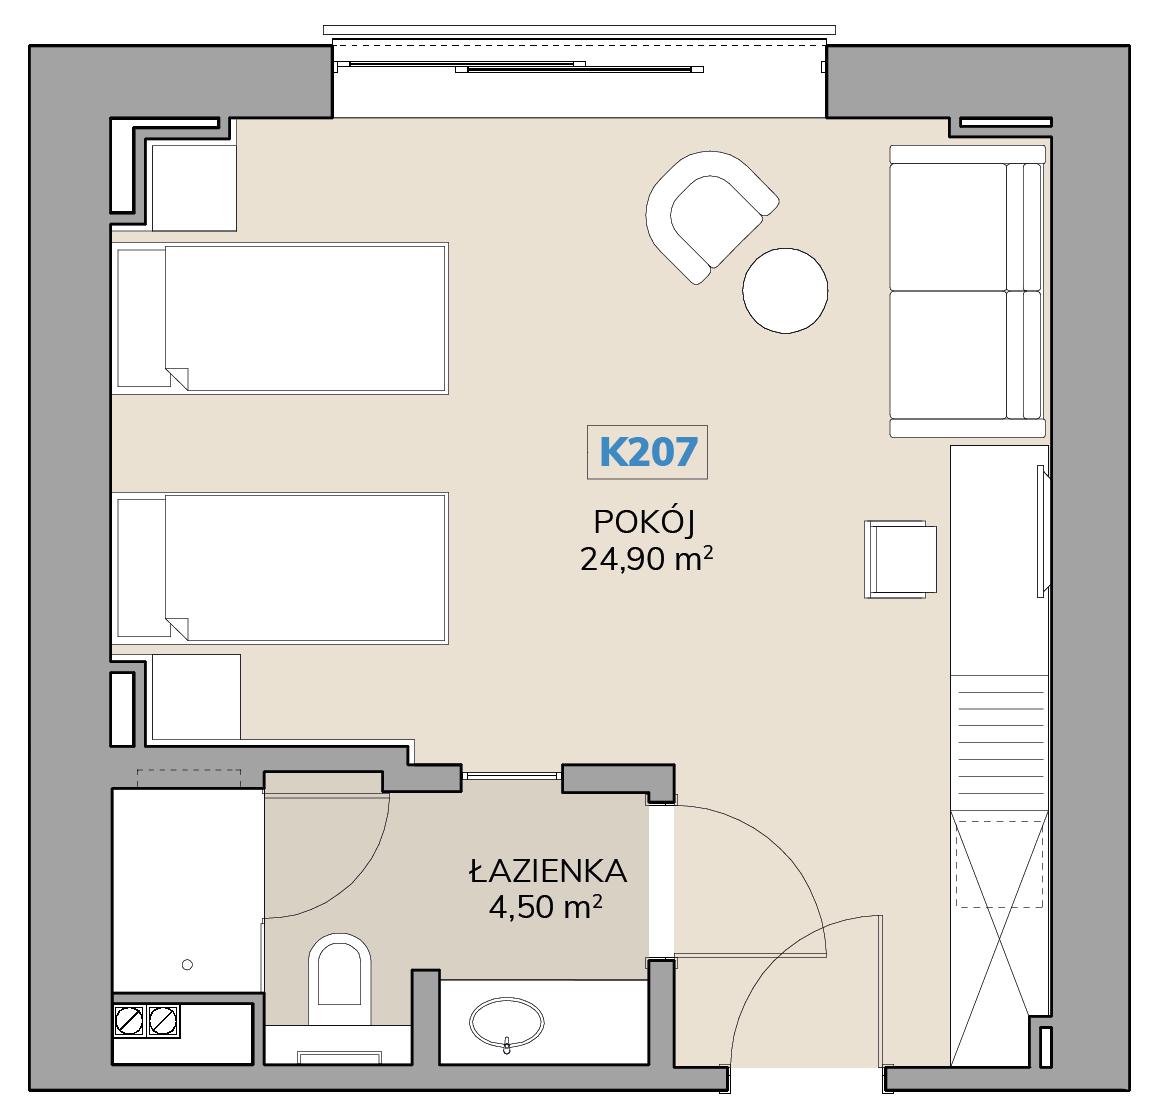 Apartament K207